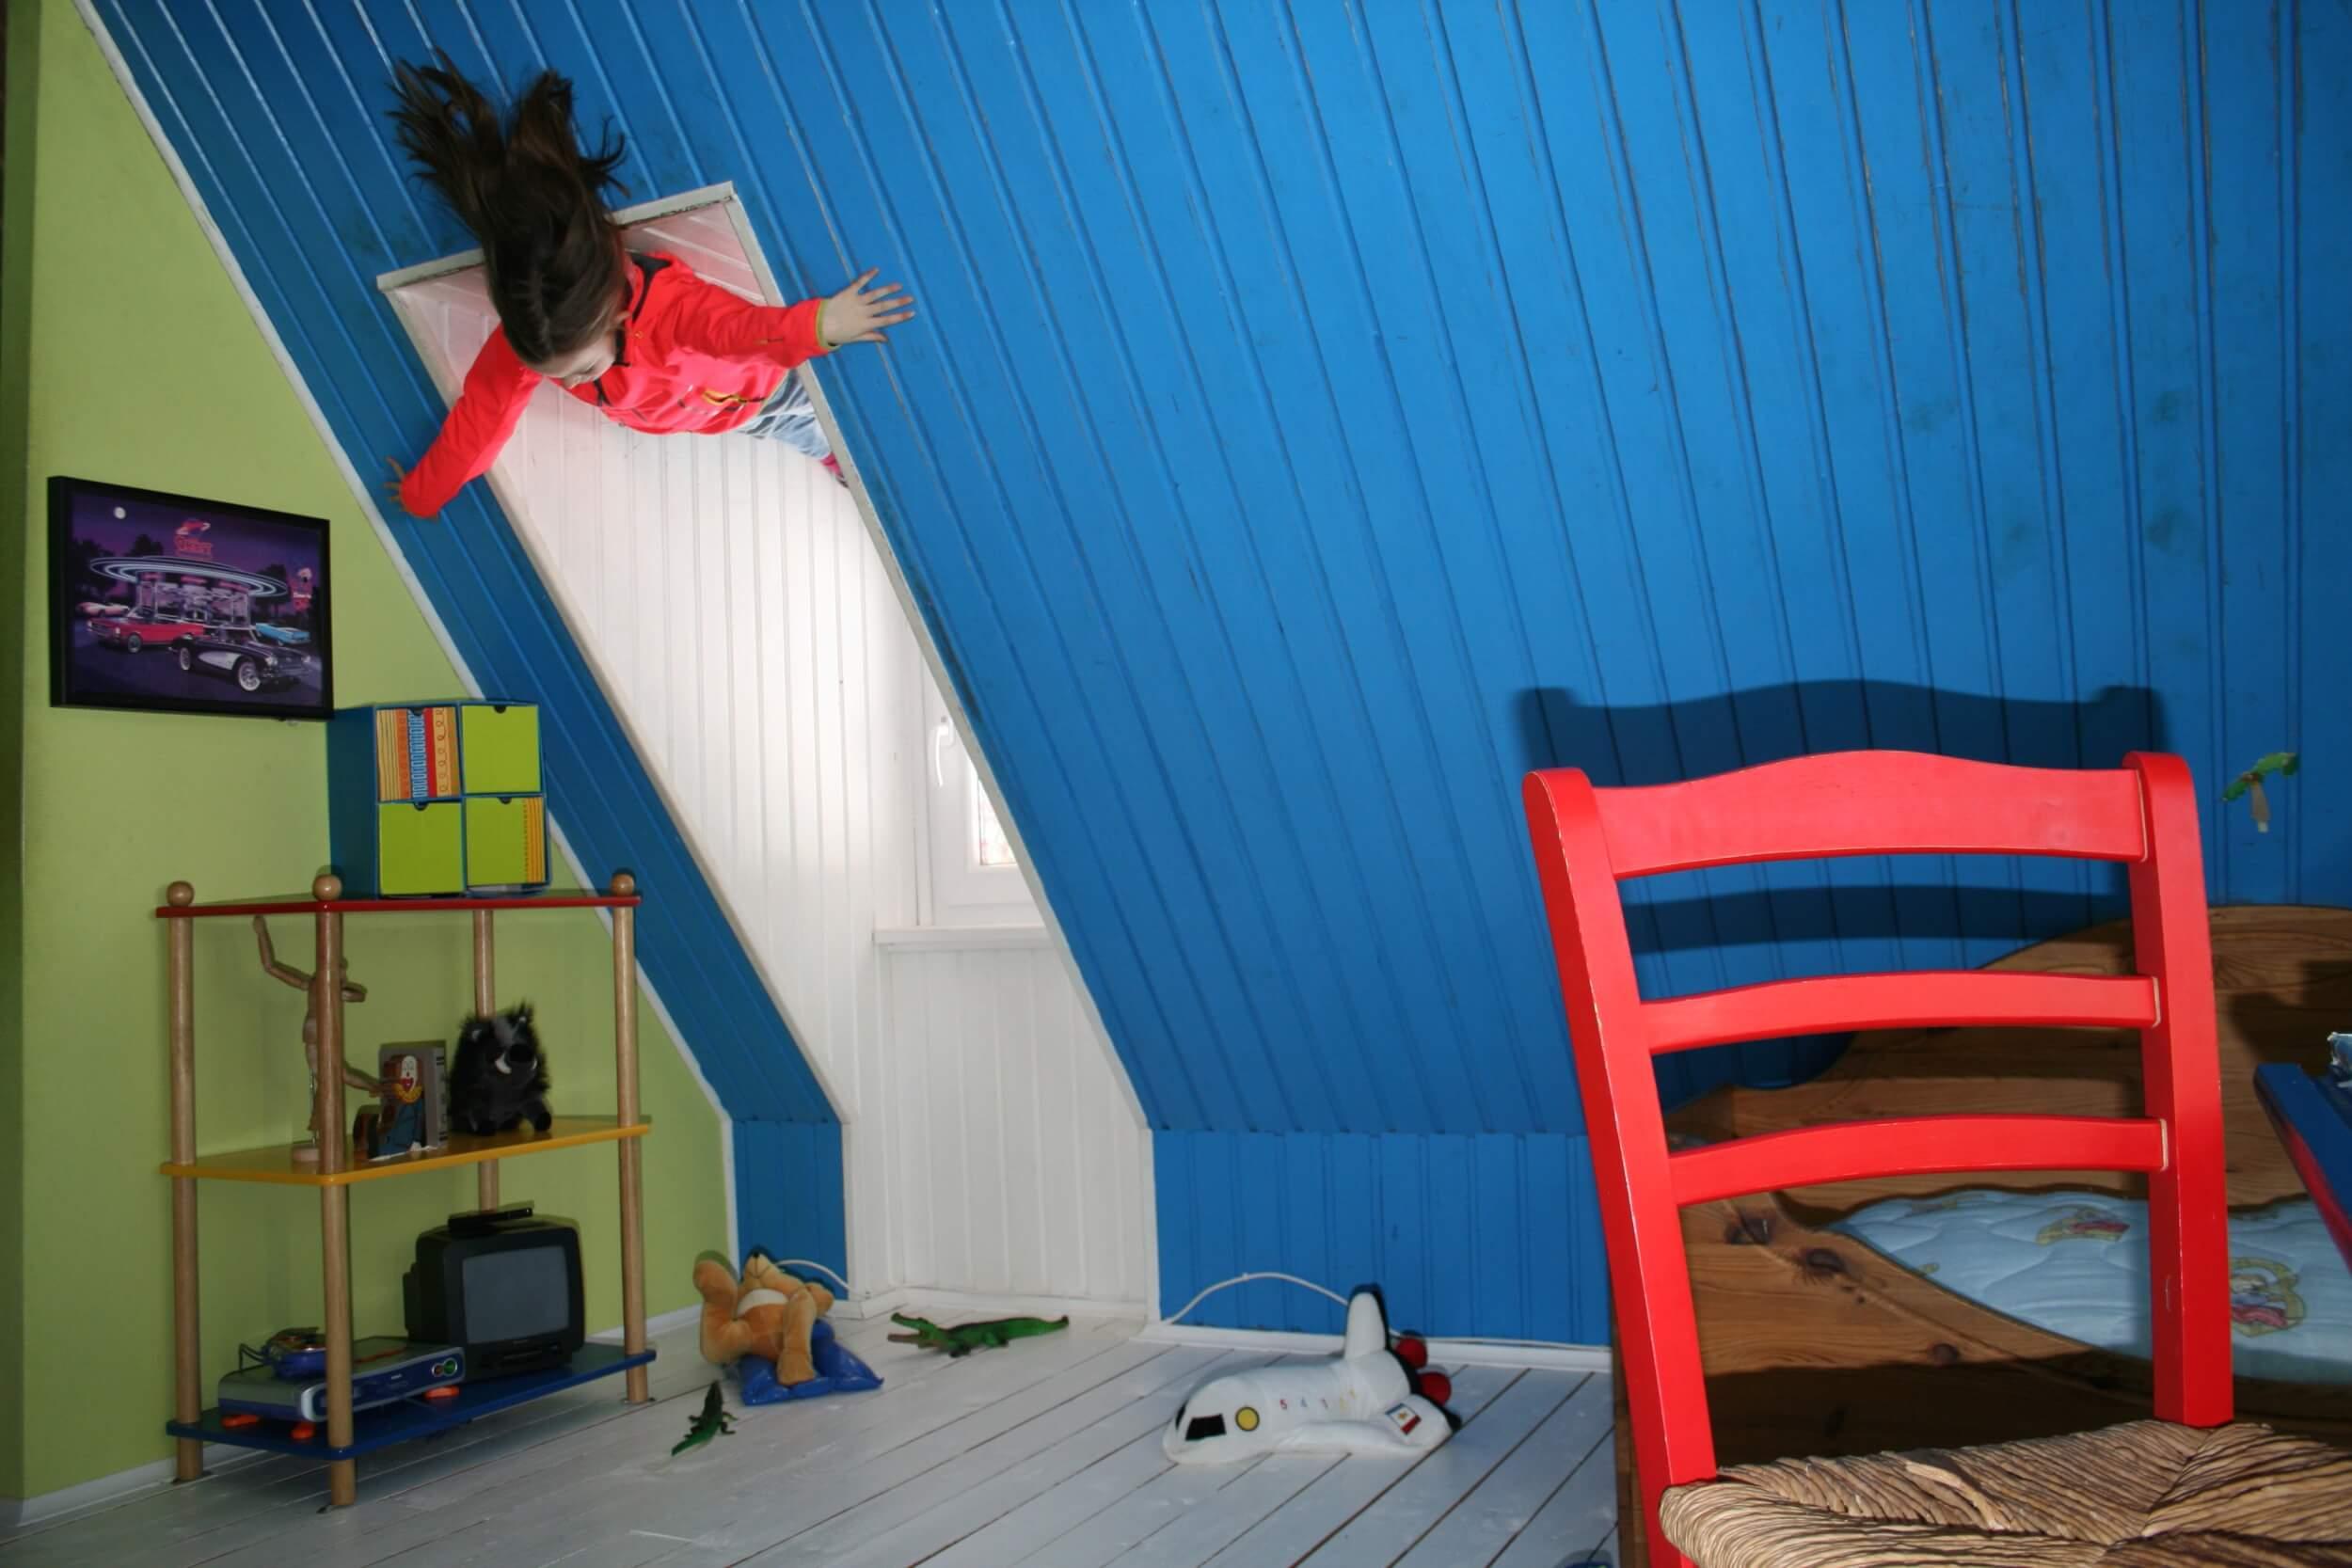 Full Size of Einrichtung Kinderzimmer Gefahrenquellen Im Tipps Fr Eine Sichere Regal Weiß Sofa Regale Kinderzimmer Einrichtung Kinderzimmer